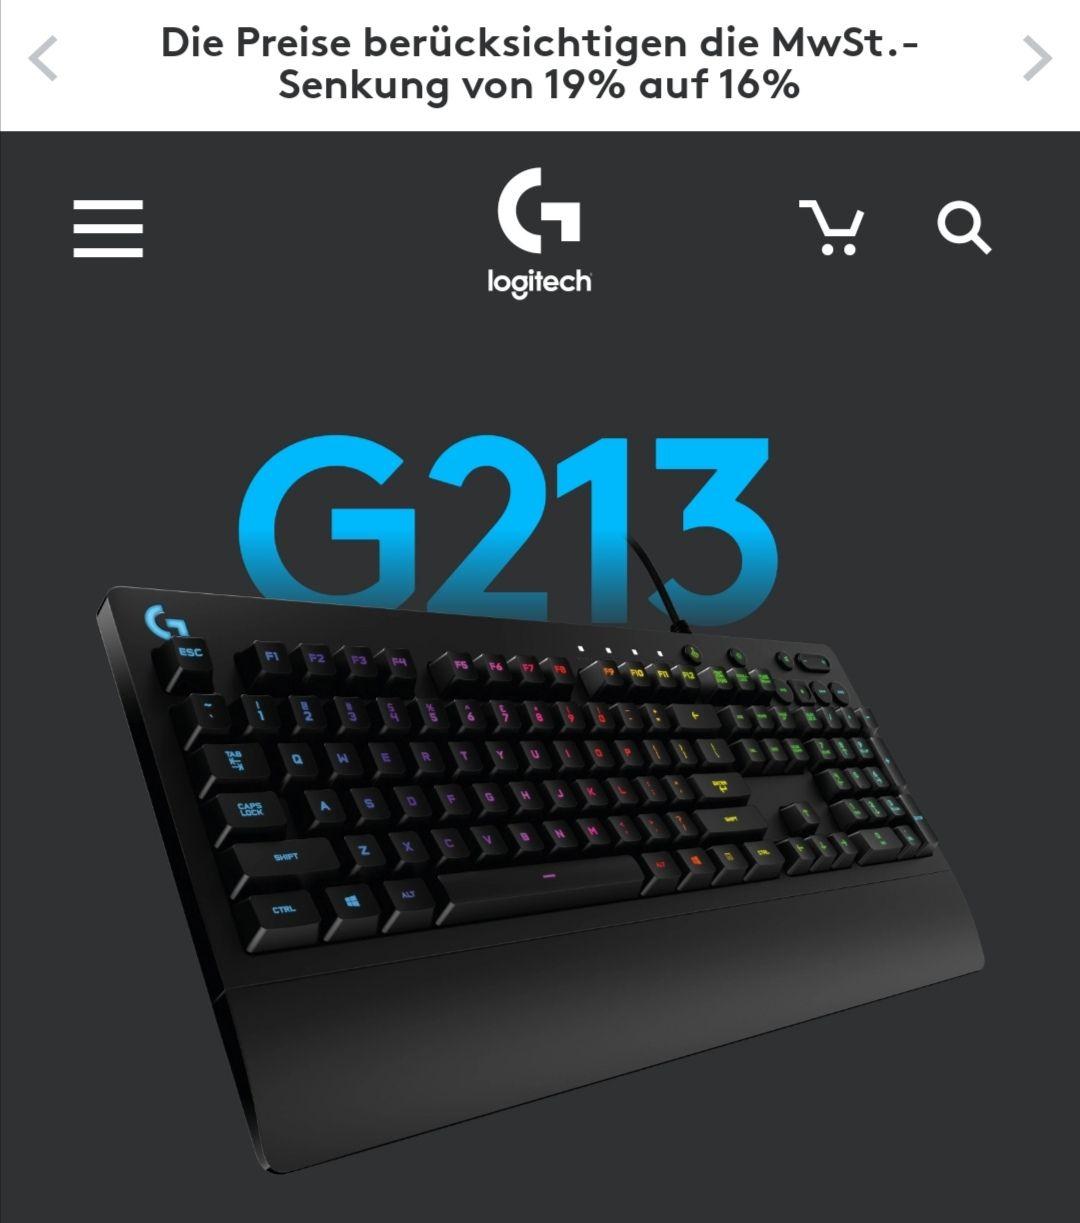 Logitech Gaming Tastatur G213